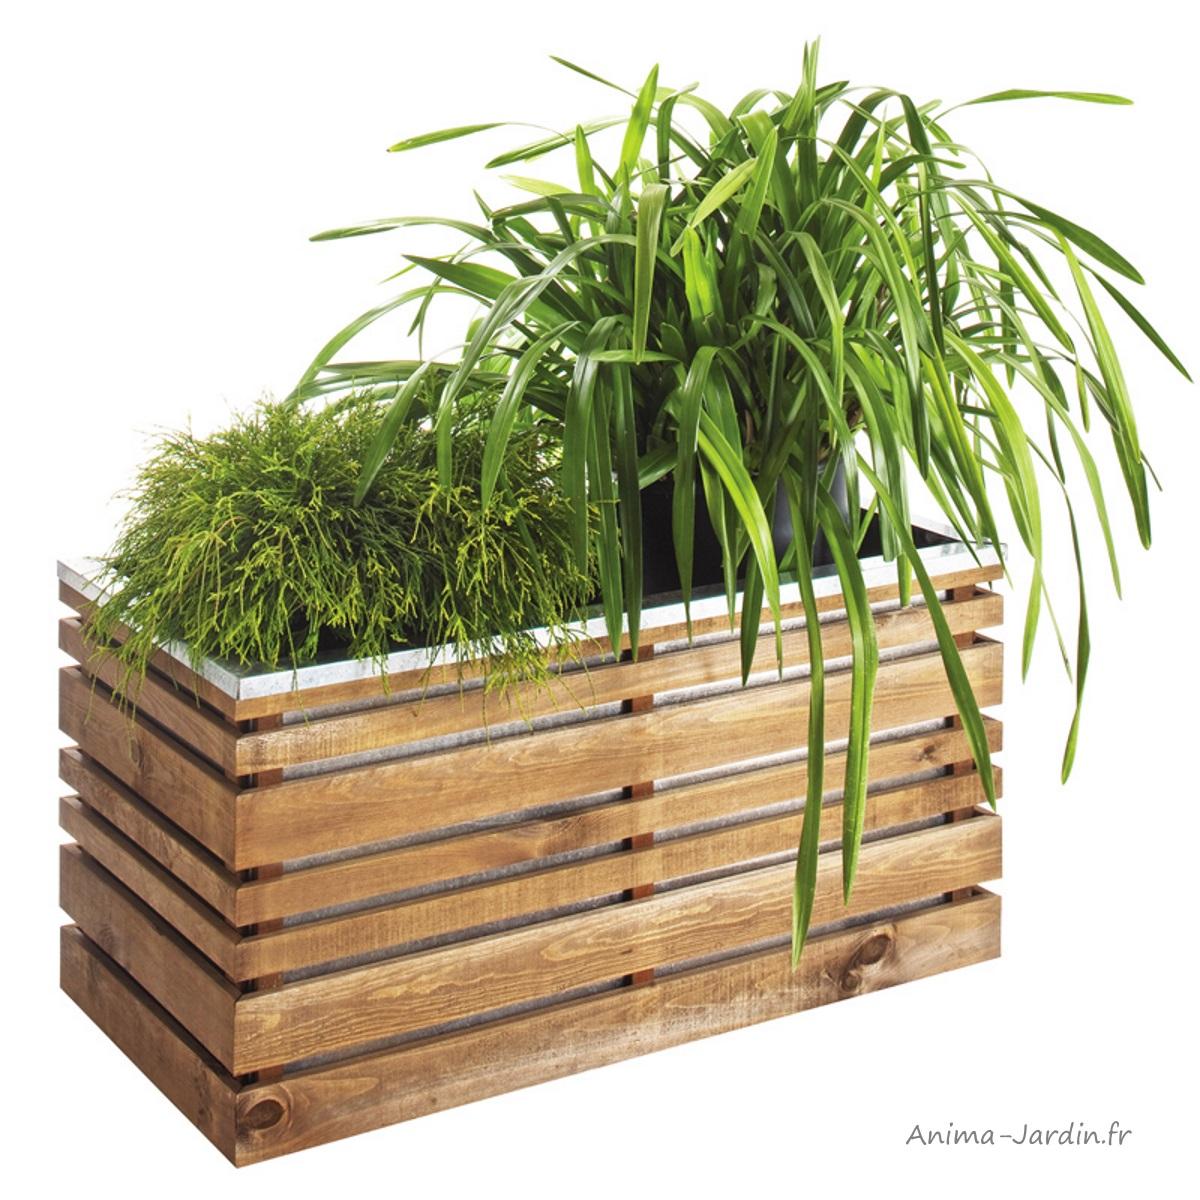 bac-lignz-100cm-bois-autoclave-acier-anima-jardin.fr